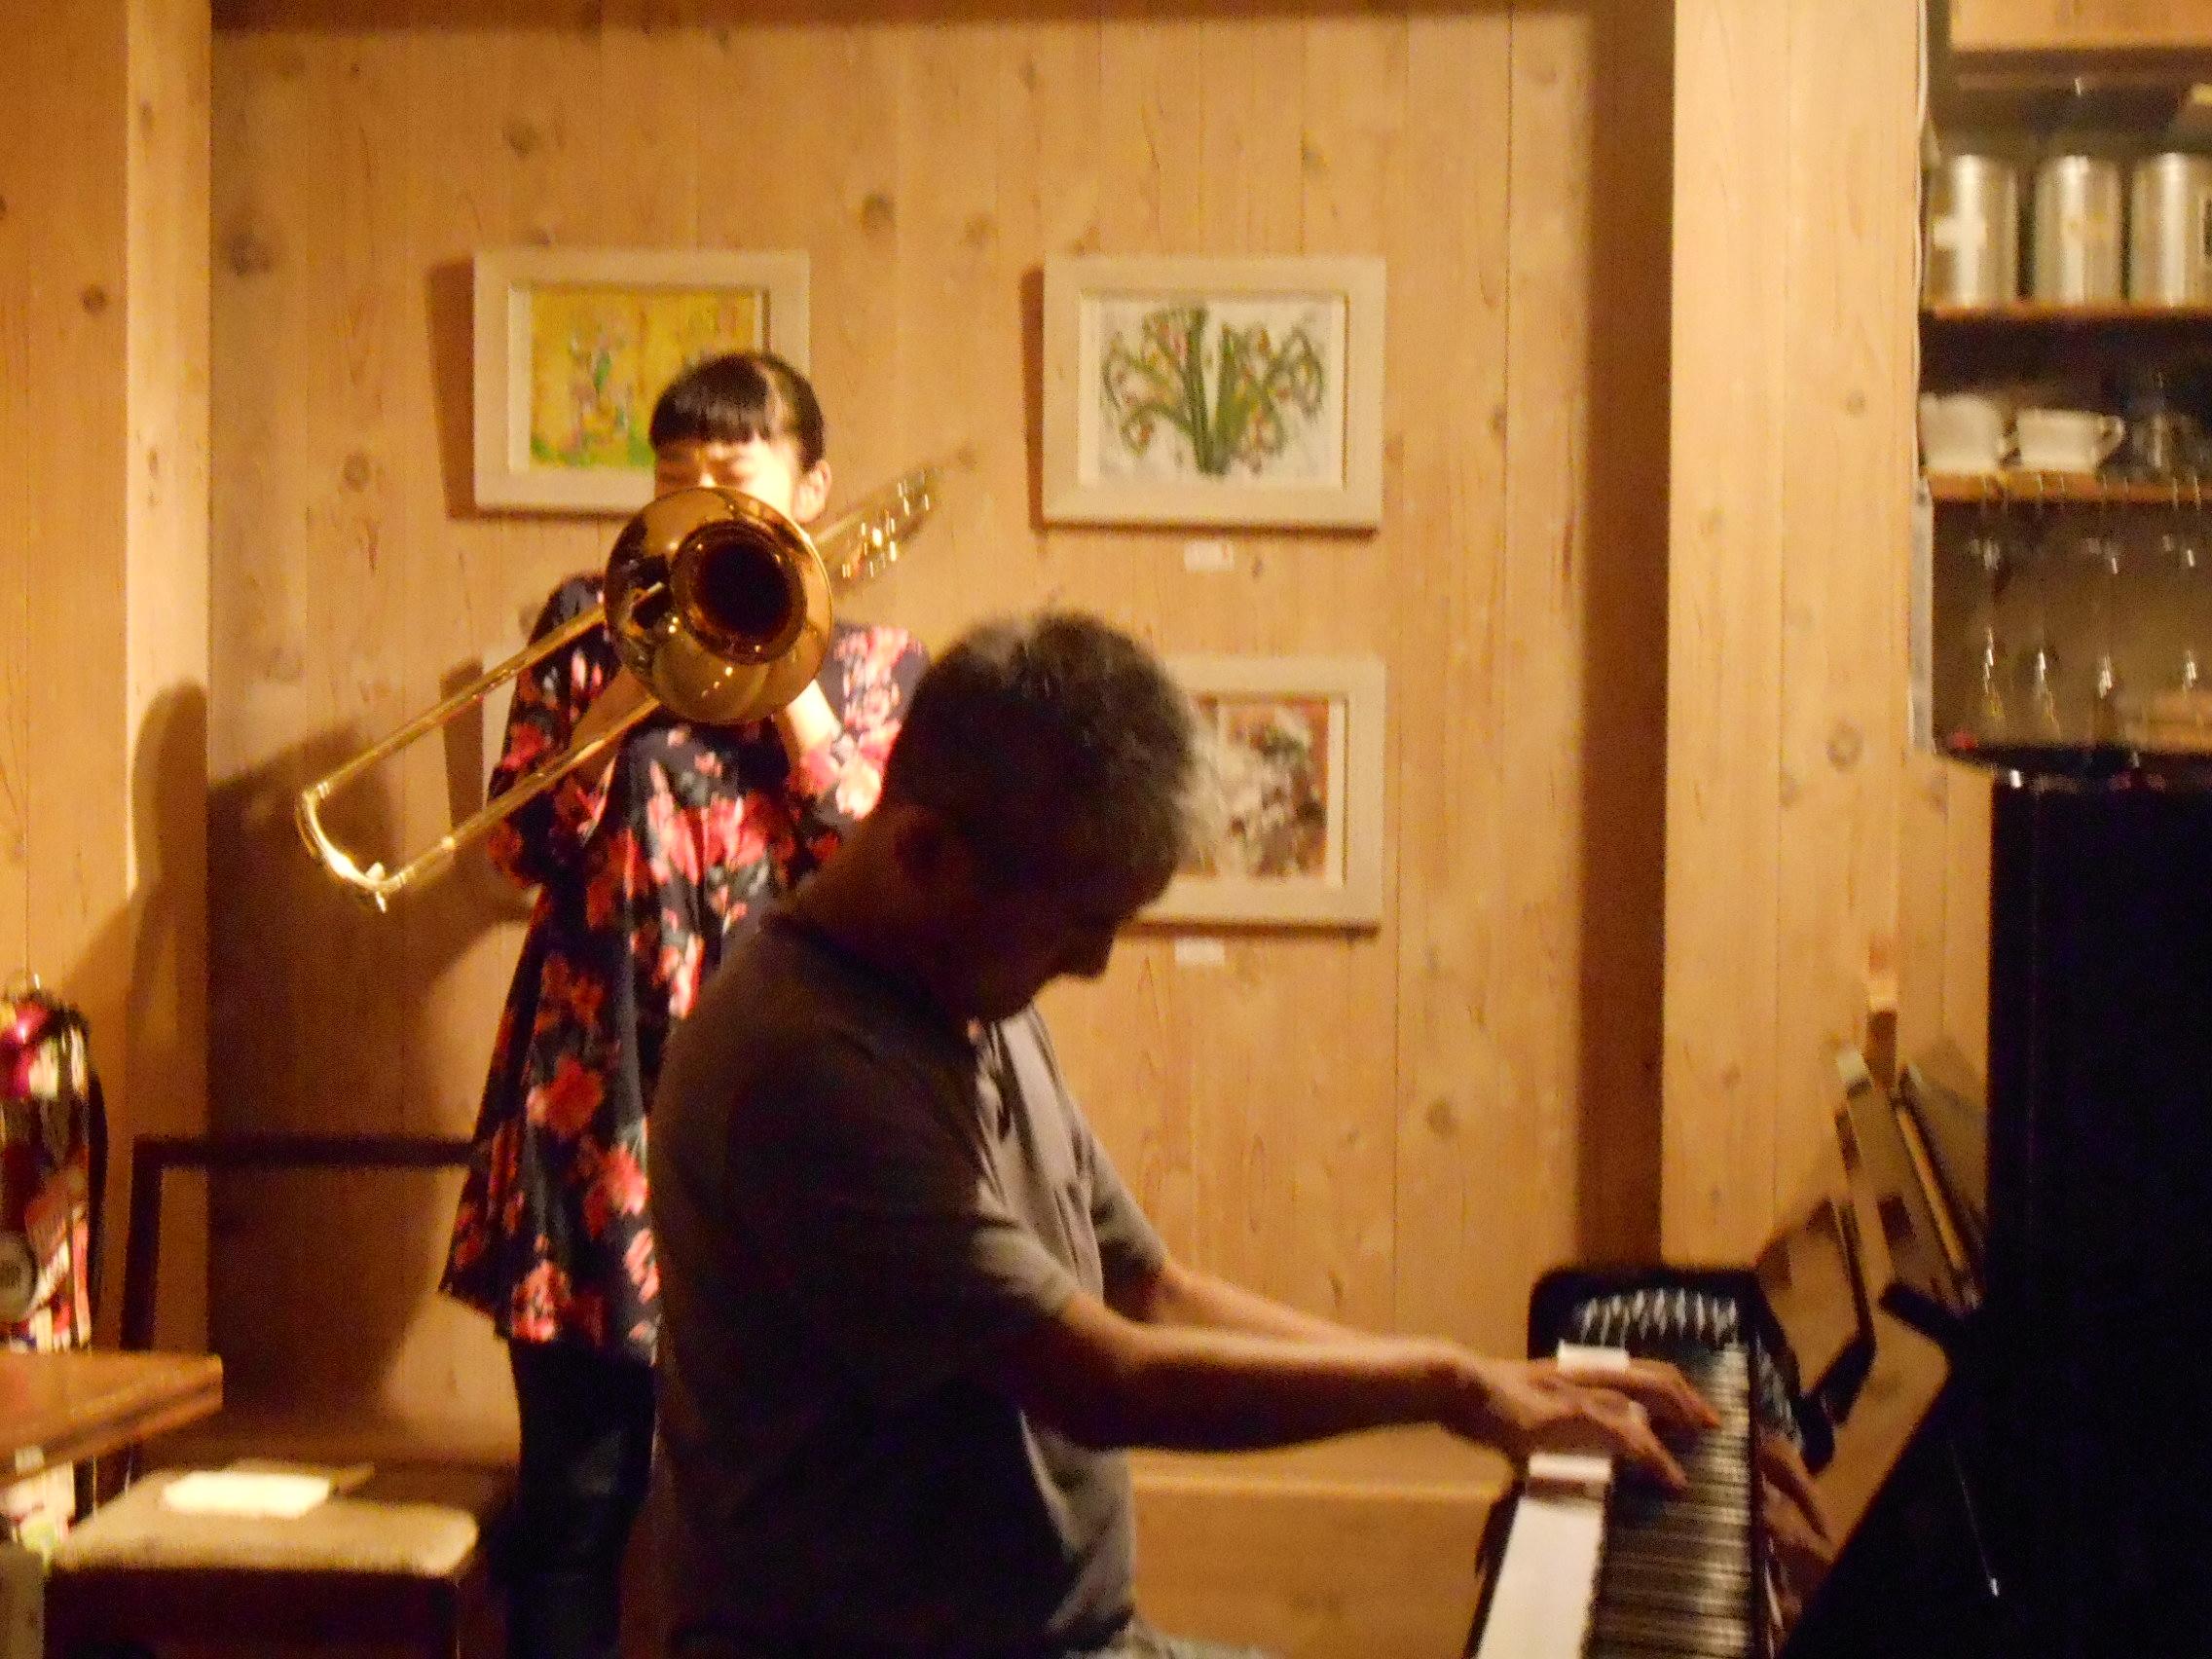 若手トロンボーン奏者とヴェテランピアニストの共演によるジャズライヴ